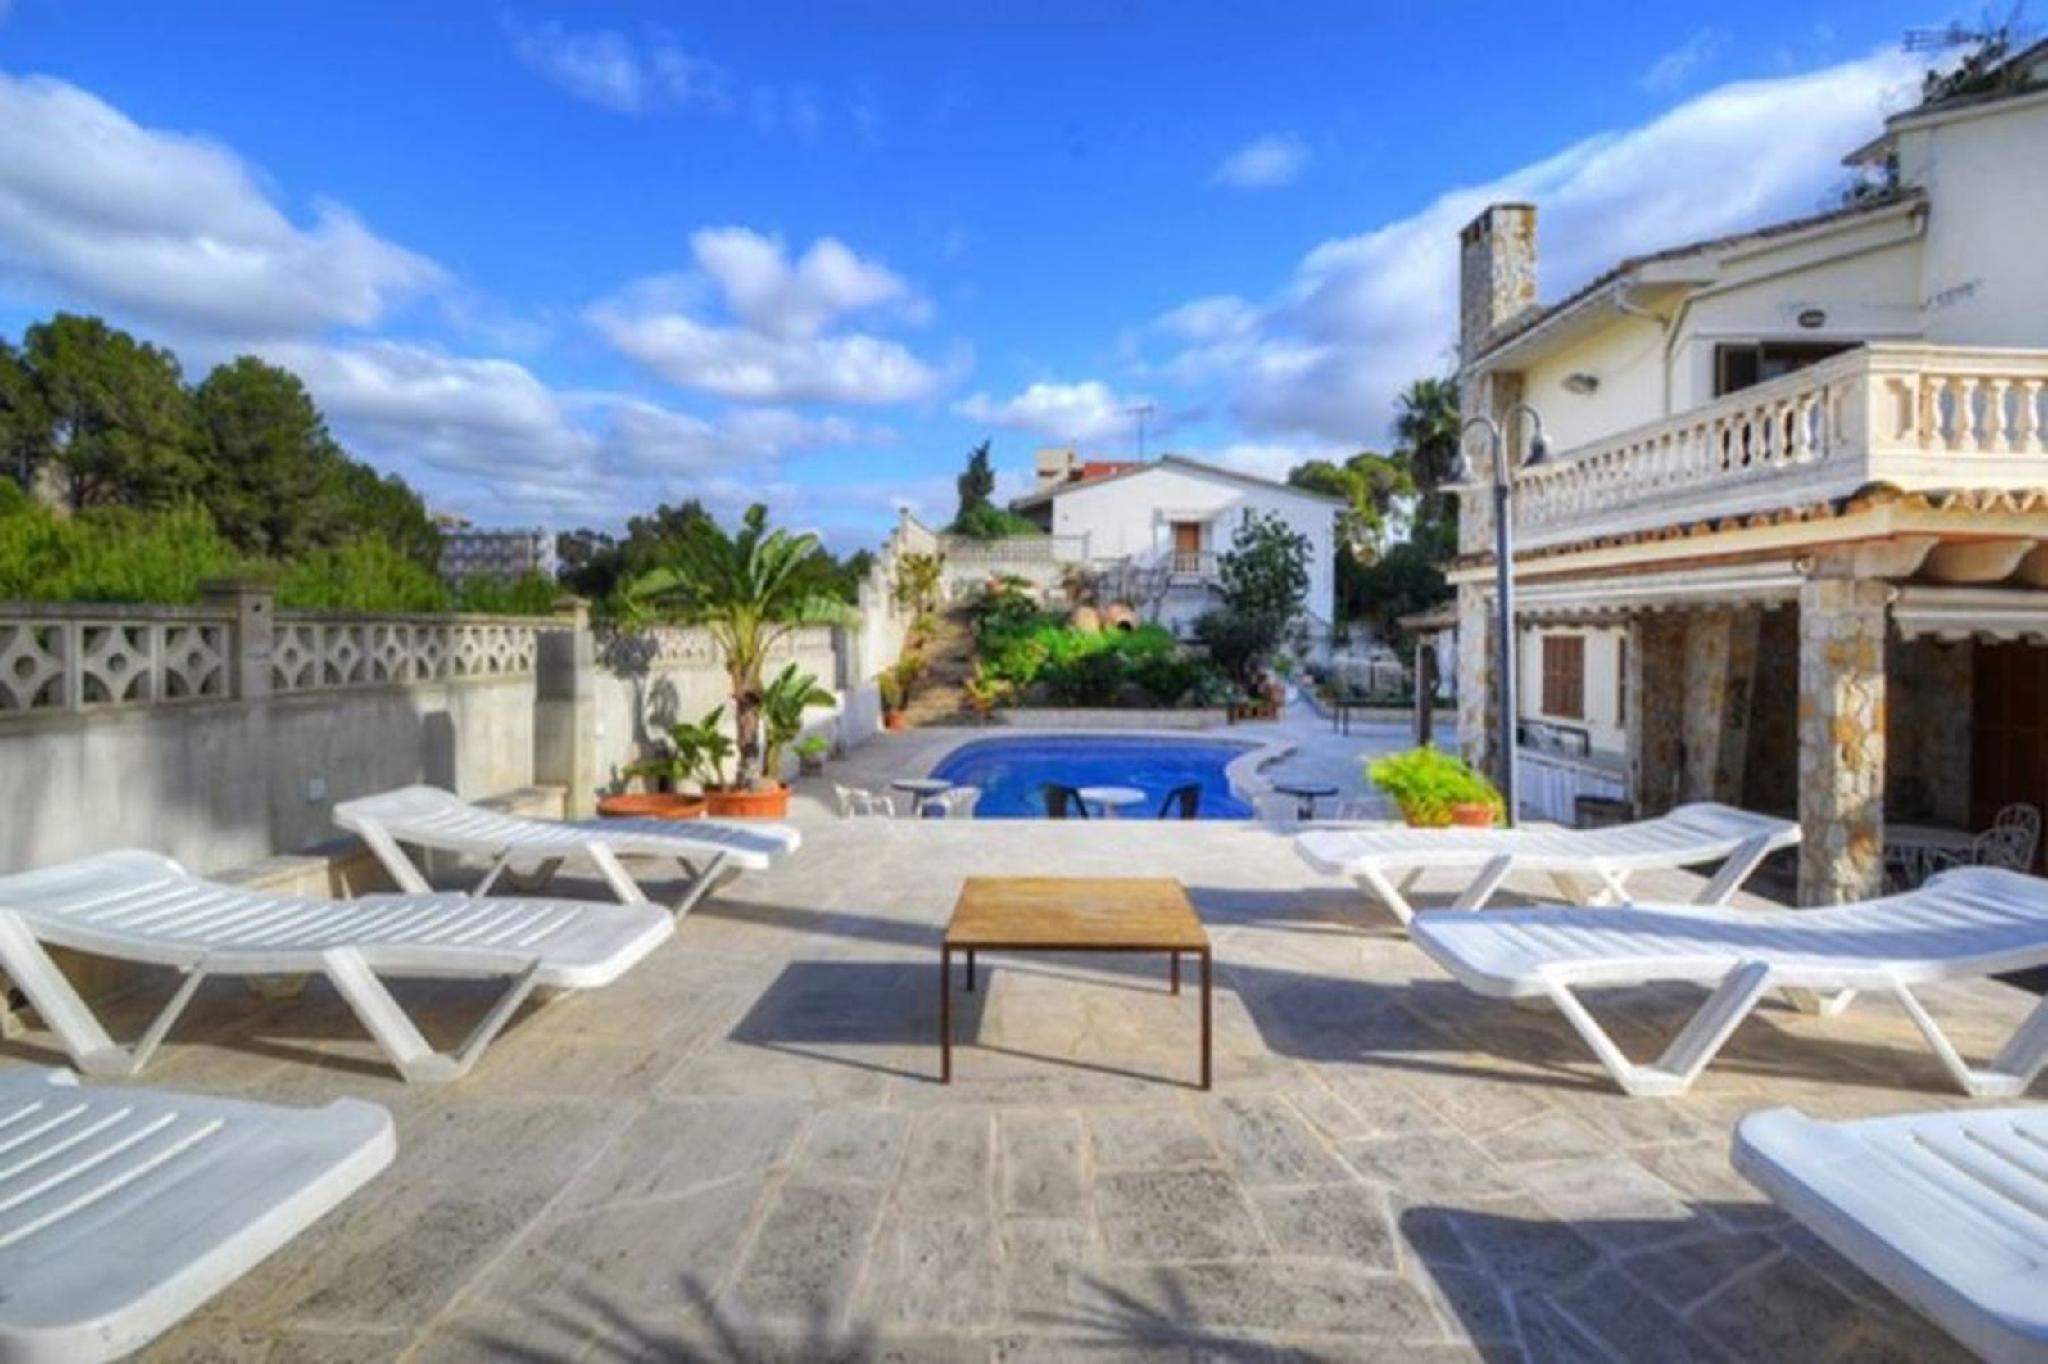 104114 -  Villa in Palma de Mallorca